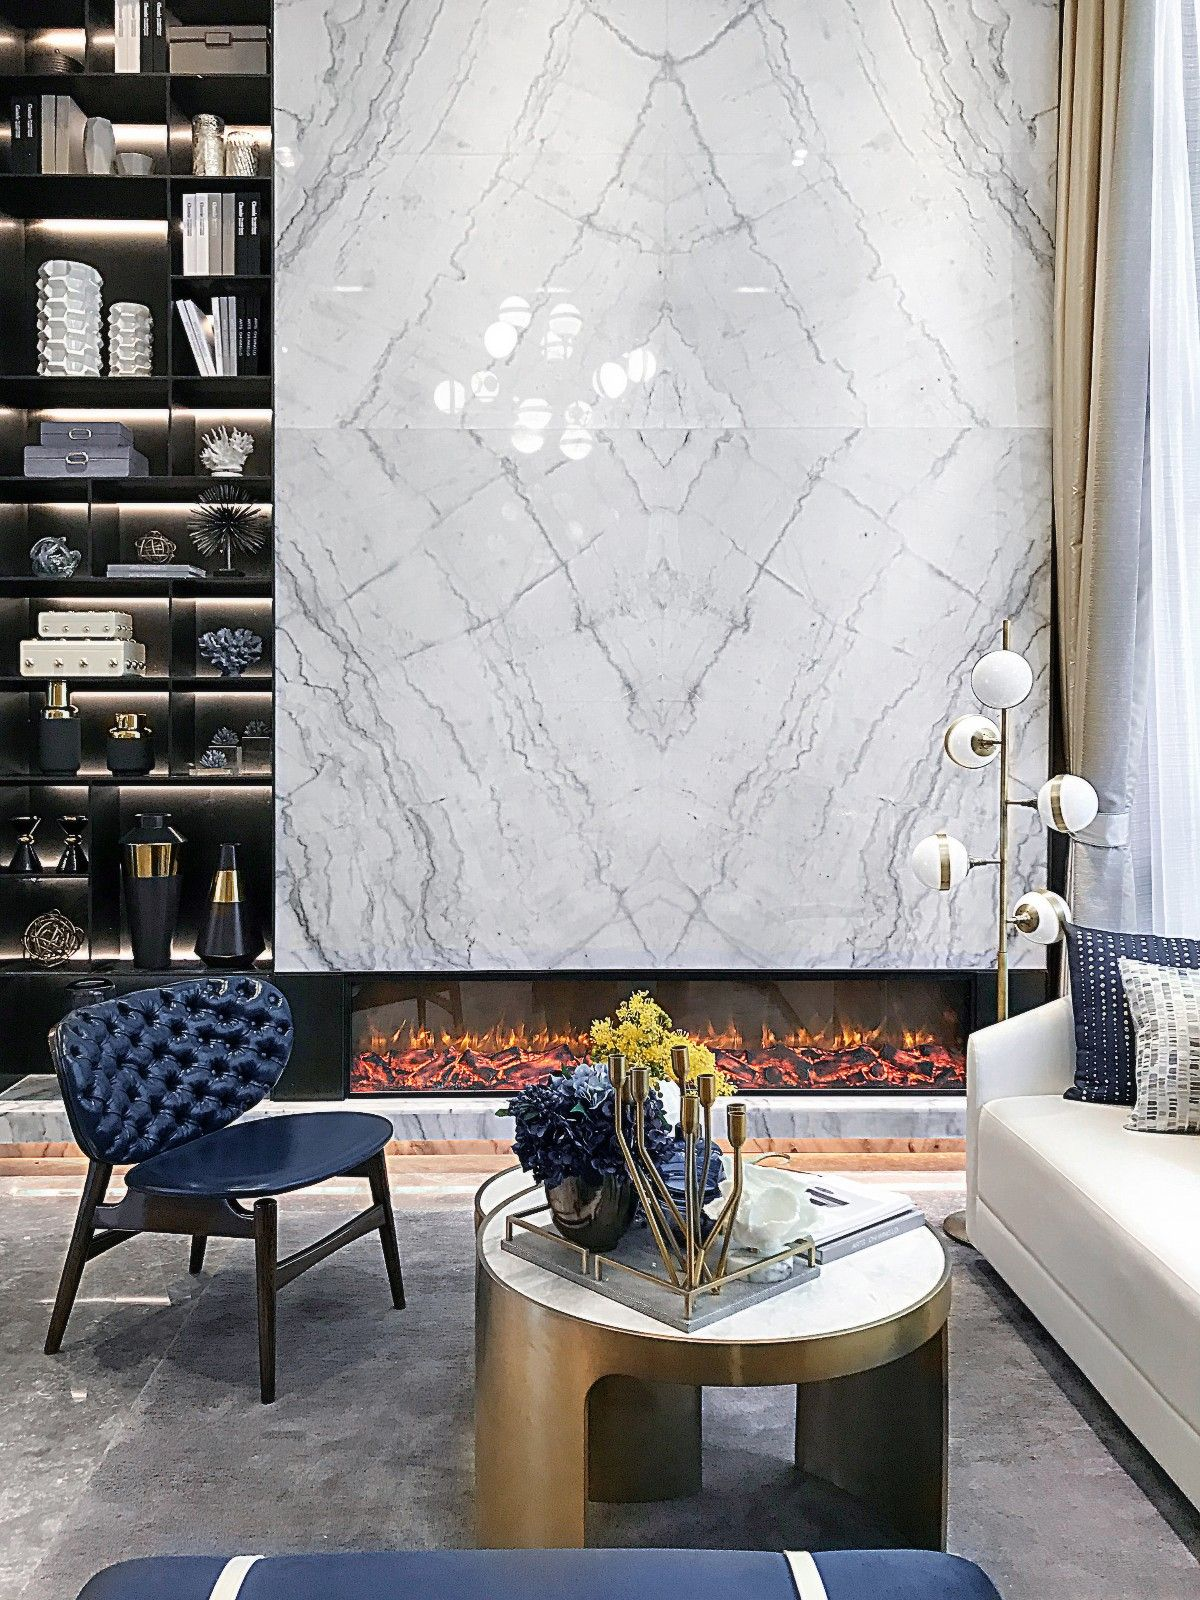 96㎡龙湖大众路公寓陈设设计 | 柏舍设计